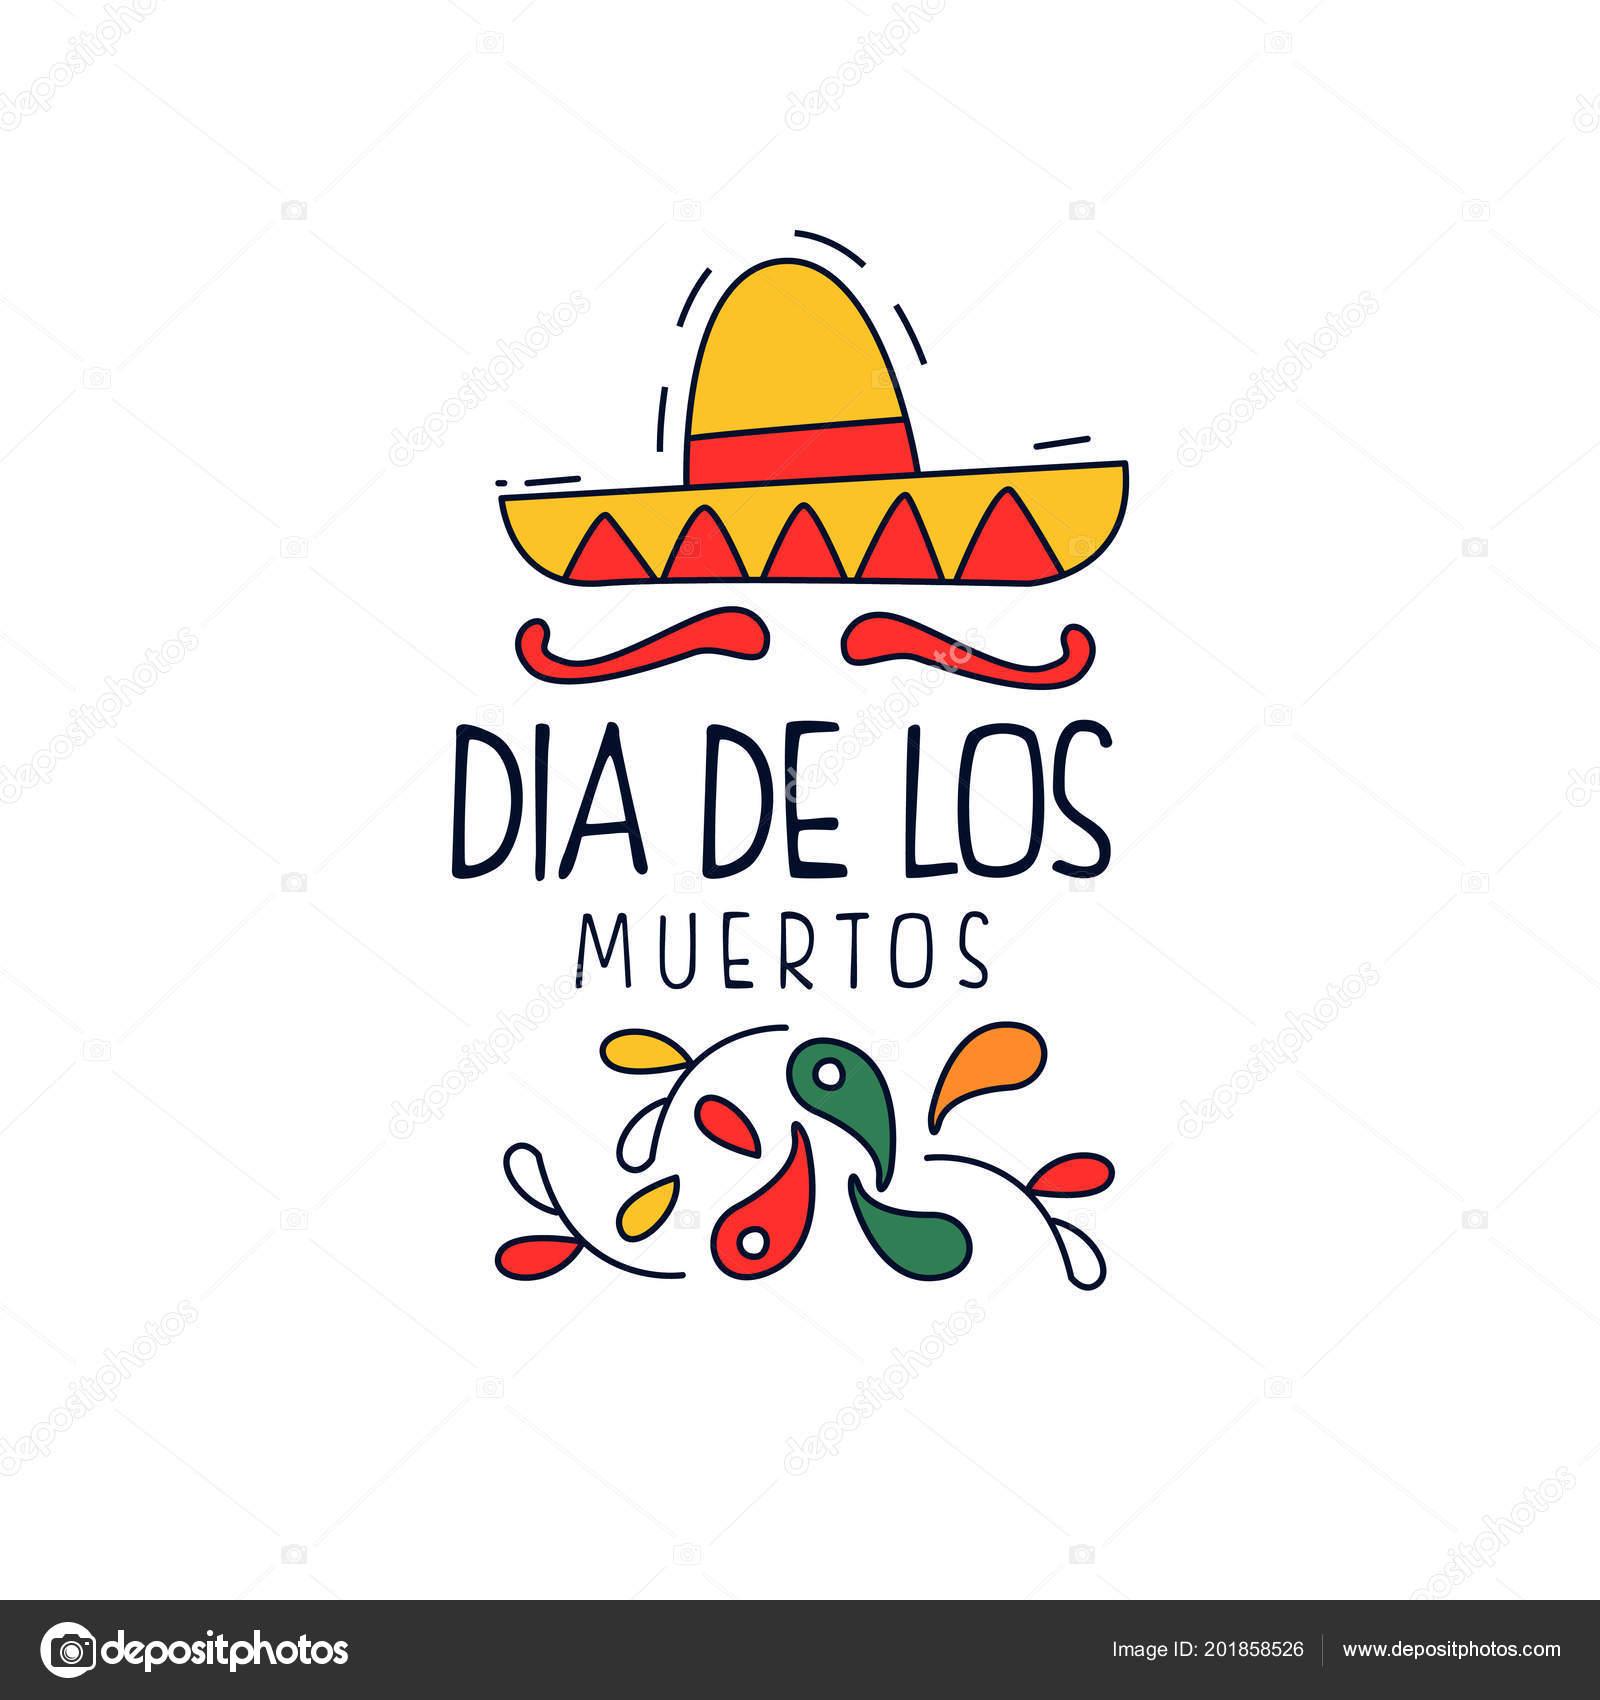 Dia De Los Muertos logo a933a5e54cb